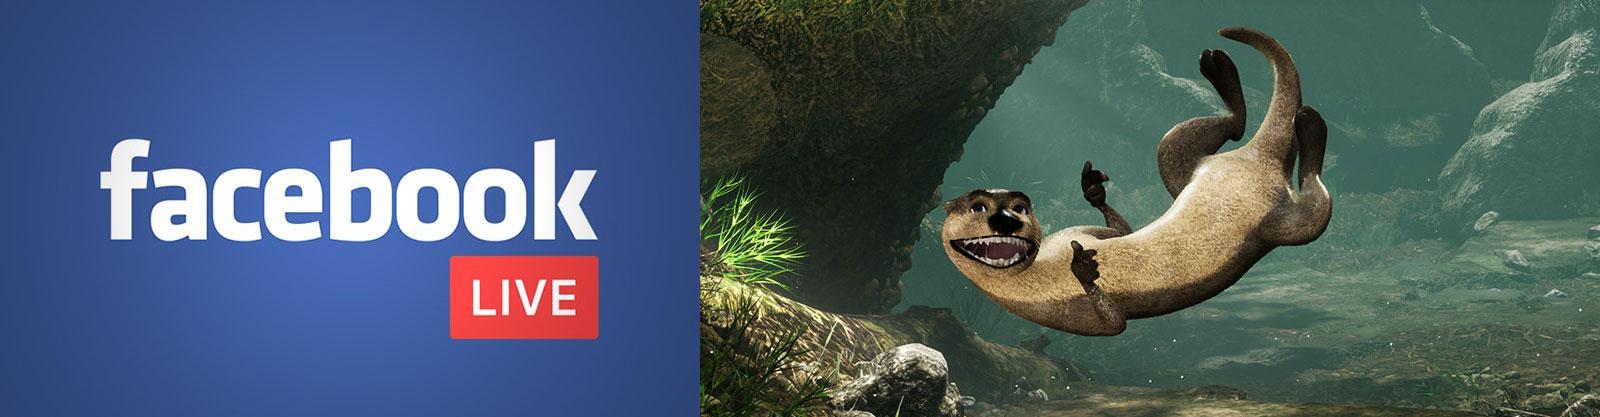 aquarium Facebook live